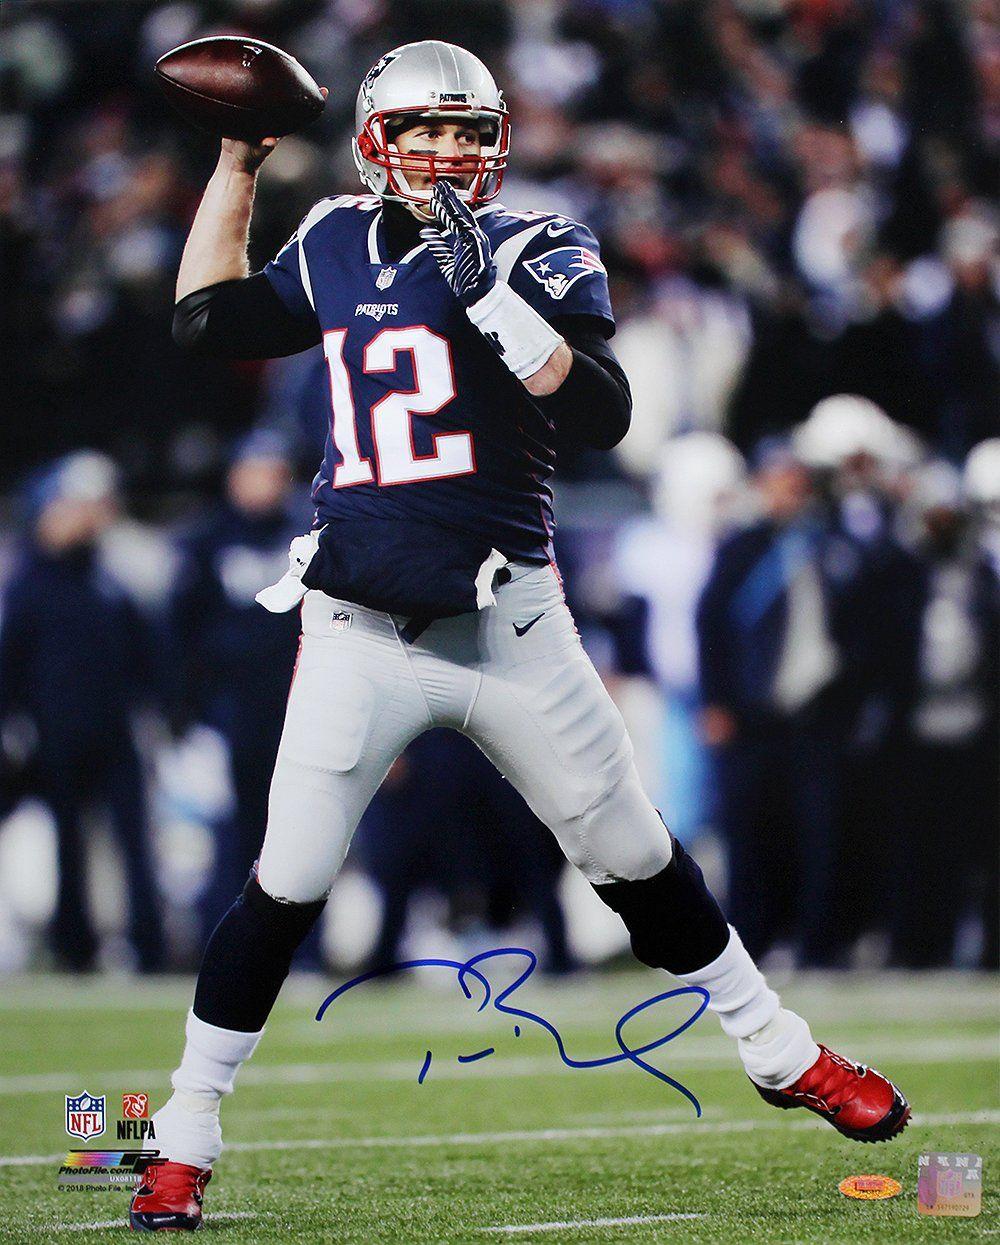 Tom Brady New England Patriots Autographed 16x20 Nfl Football Action Tom Brady News New England Patriots Tom Brady